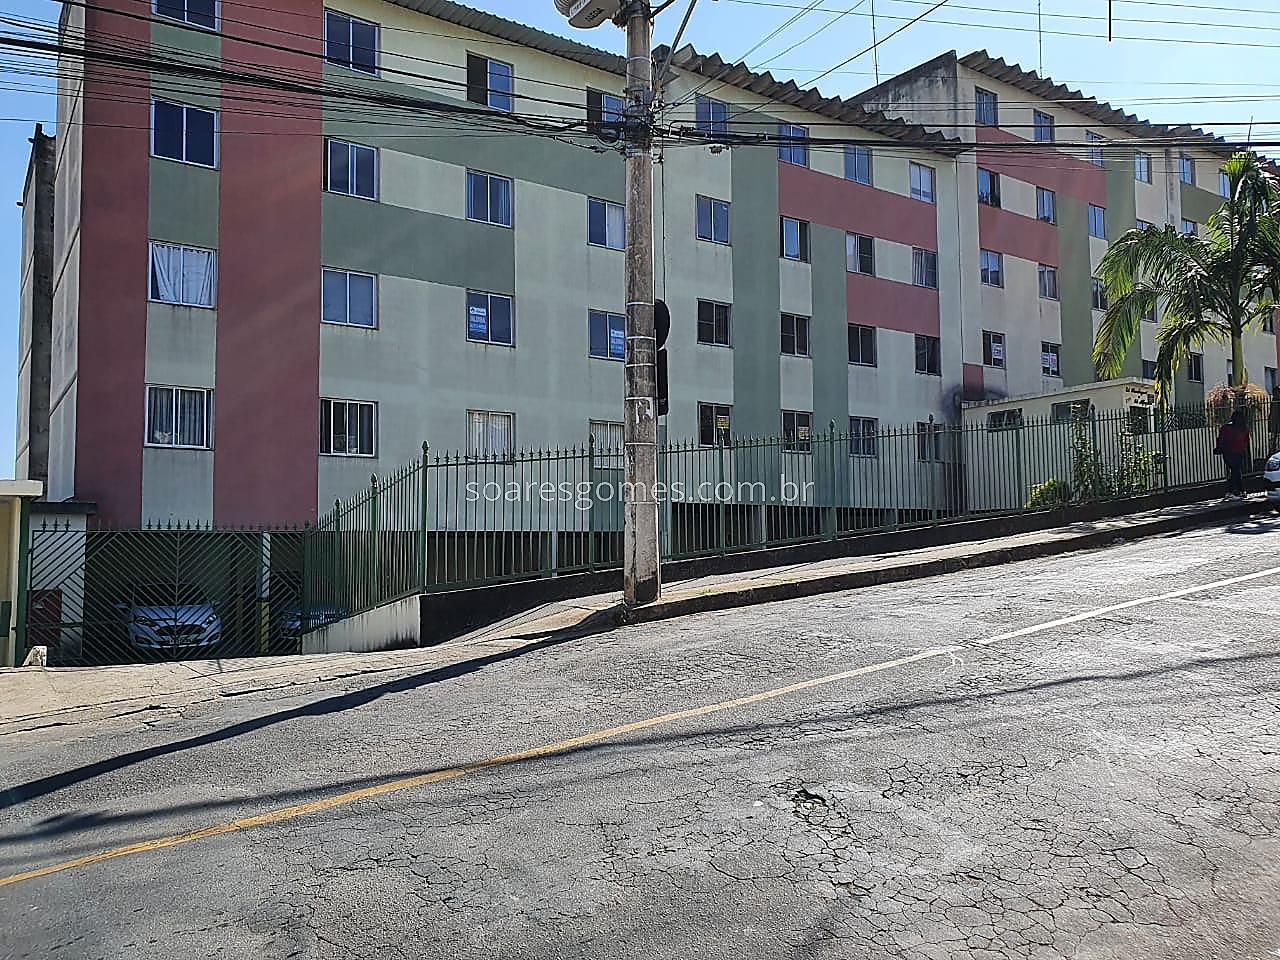 Apartamento para Alugar em Santa Luzia, Juiz de Fora - MG - Foto 1